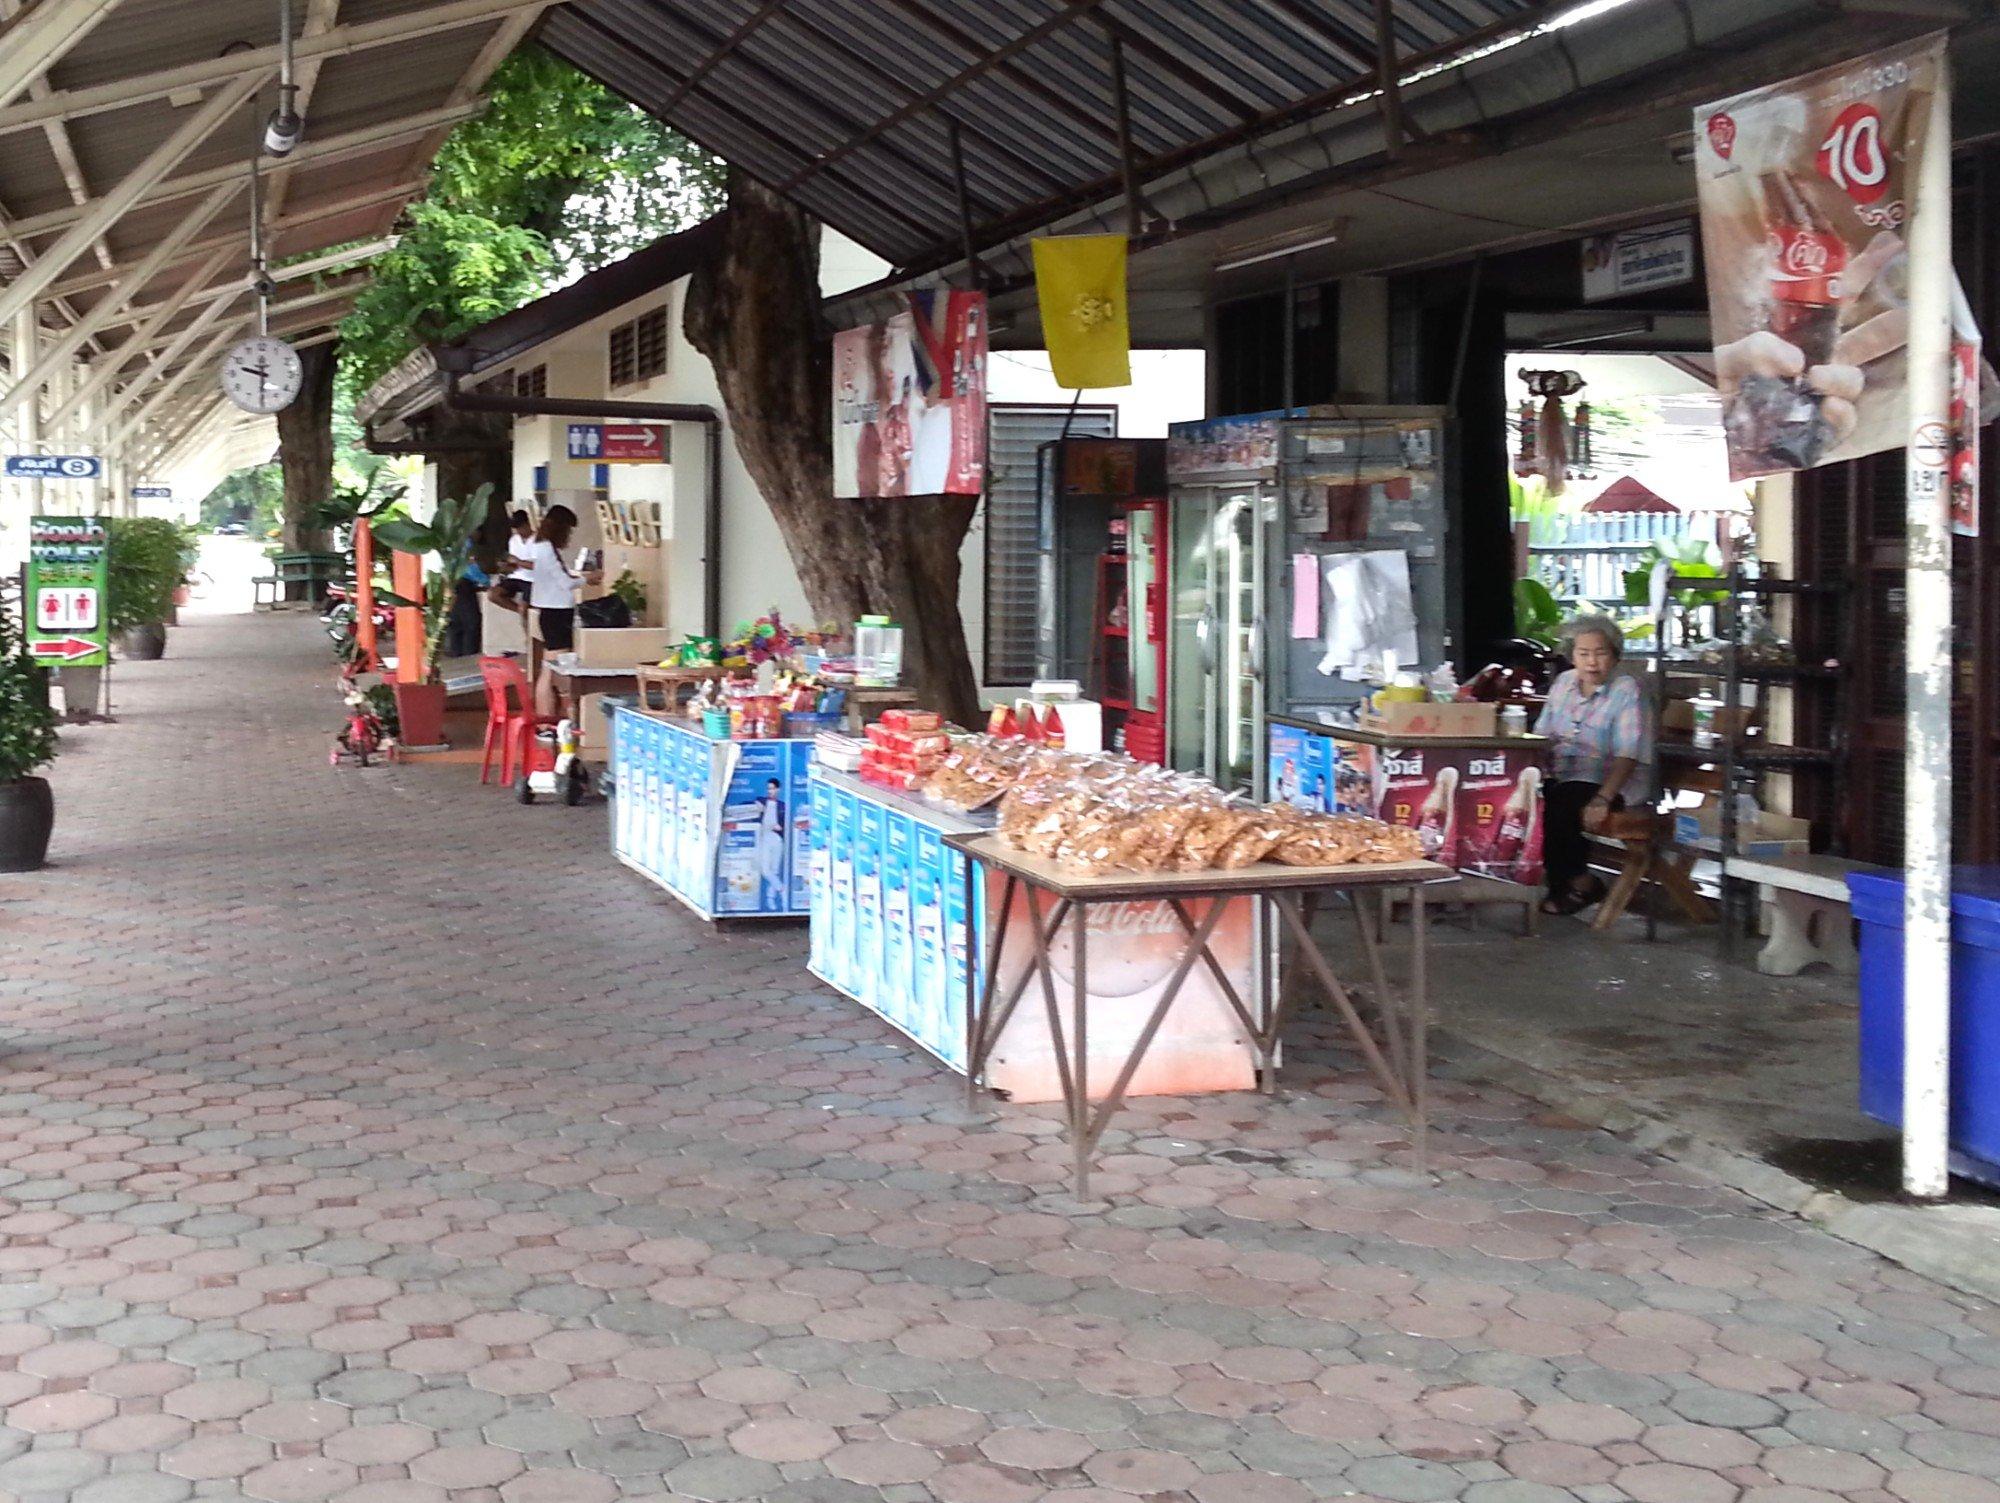 Shop on the platform at Lampang Railway Station